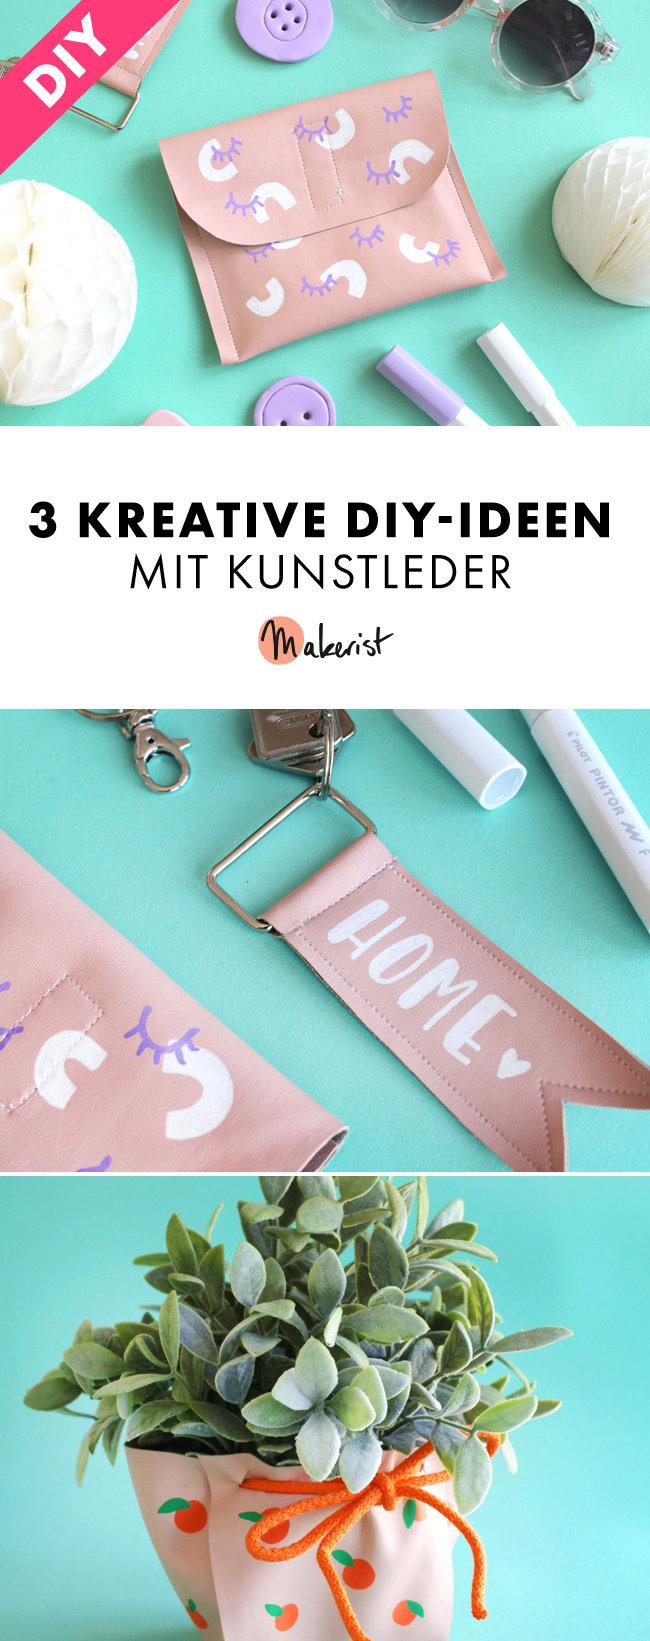 Makerist.-DIY-Pilot-Pintor-Kunstleder